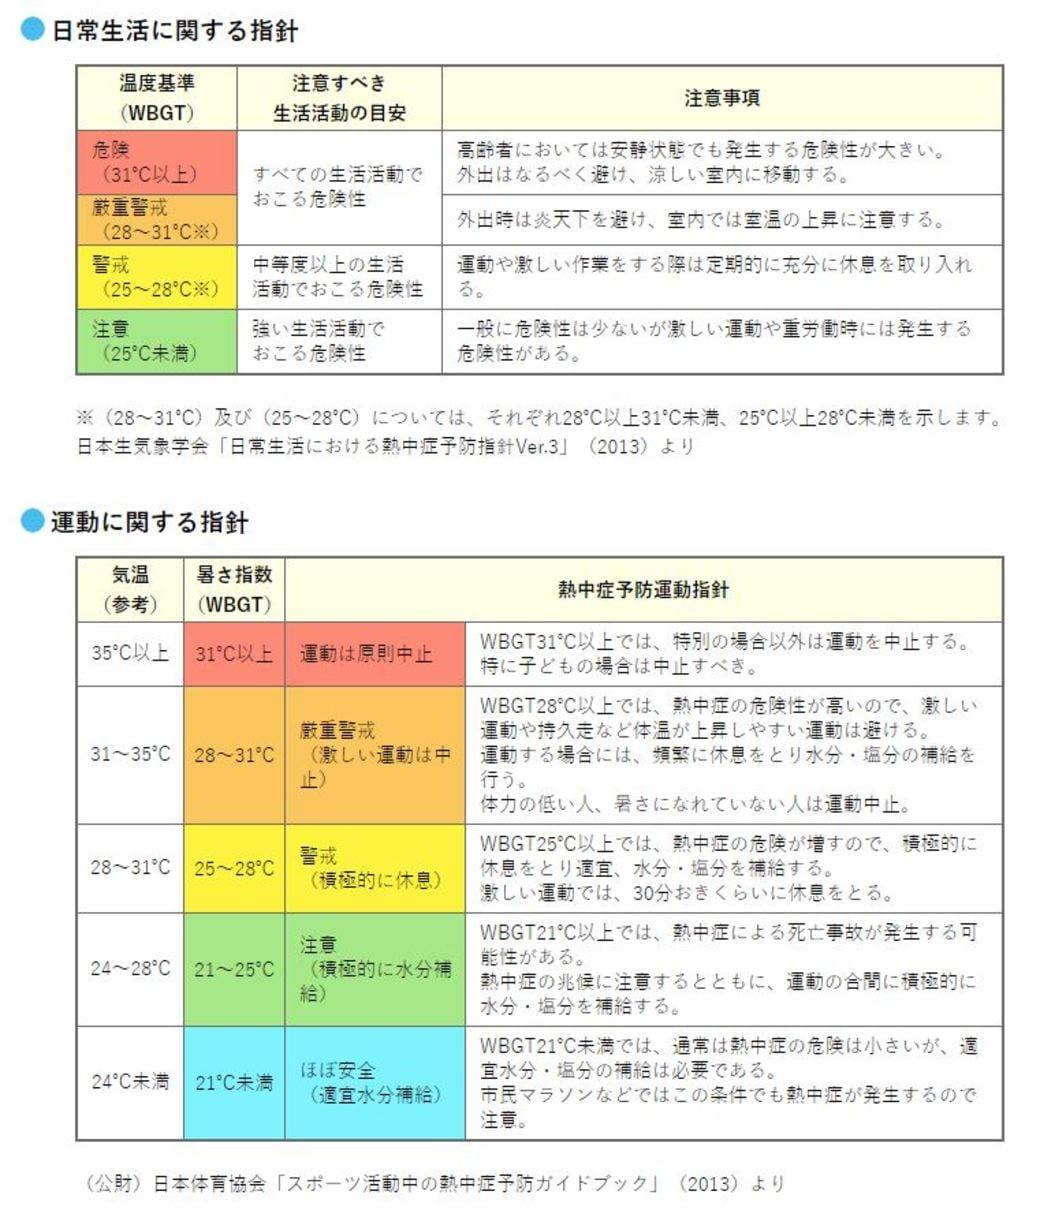 高い 体温 室温